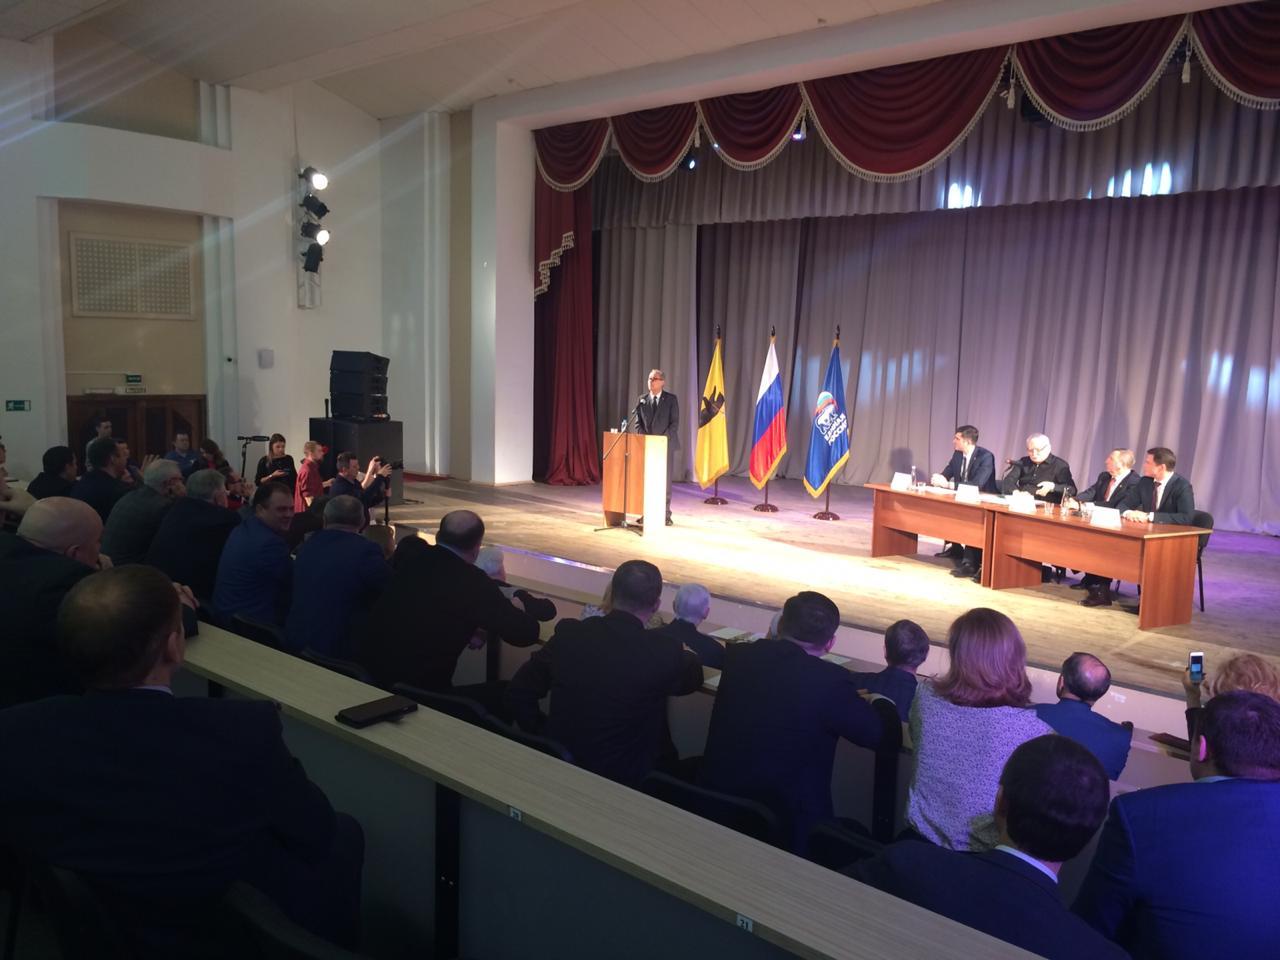 В Ярославле началось общественное обсуждение объединения театров